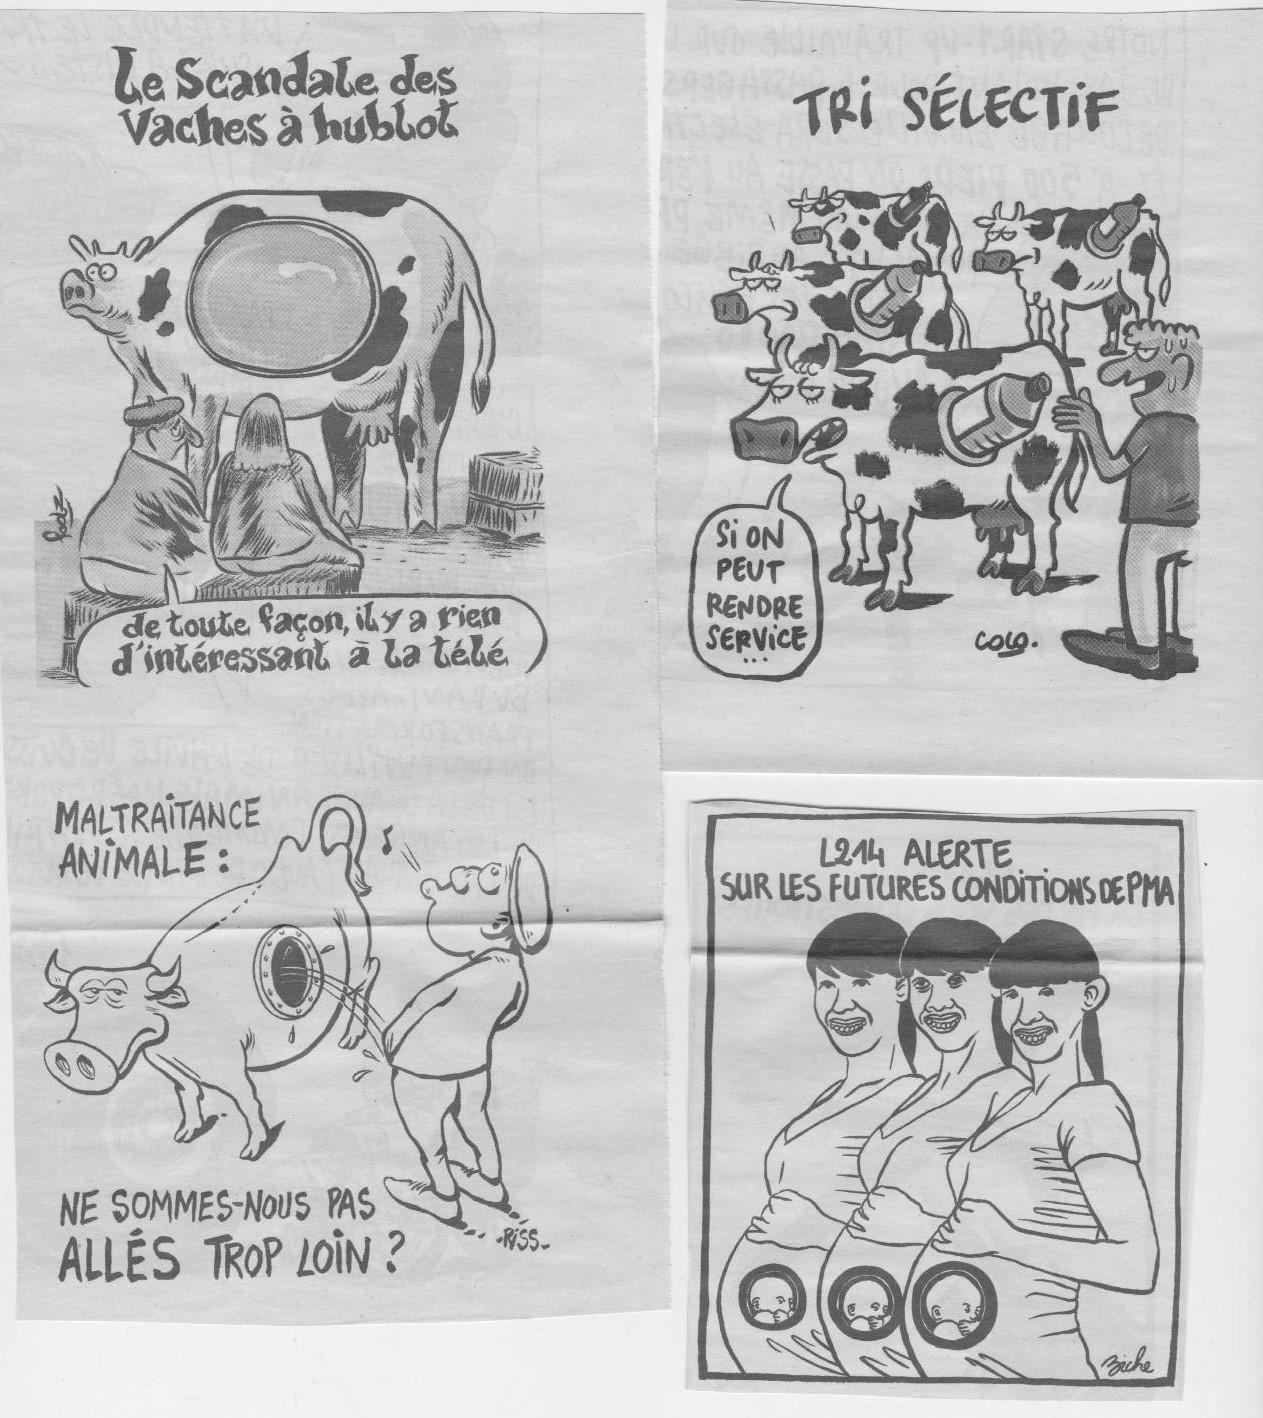 Coupure du Journal Charlie Hebdo sur les vaches à hublots